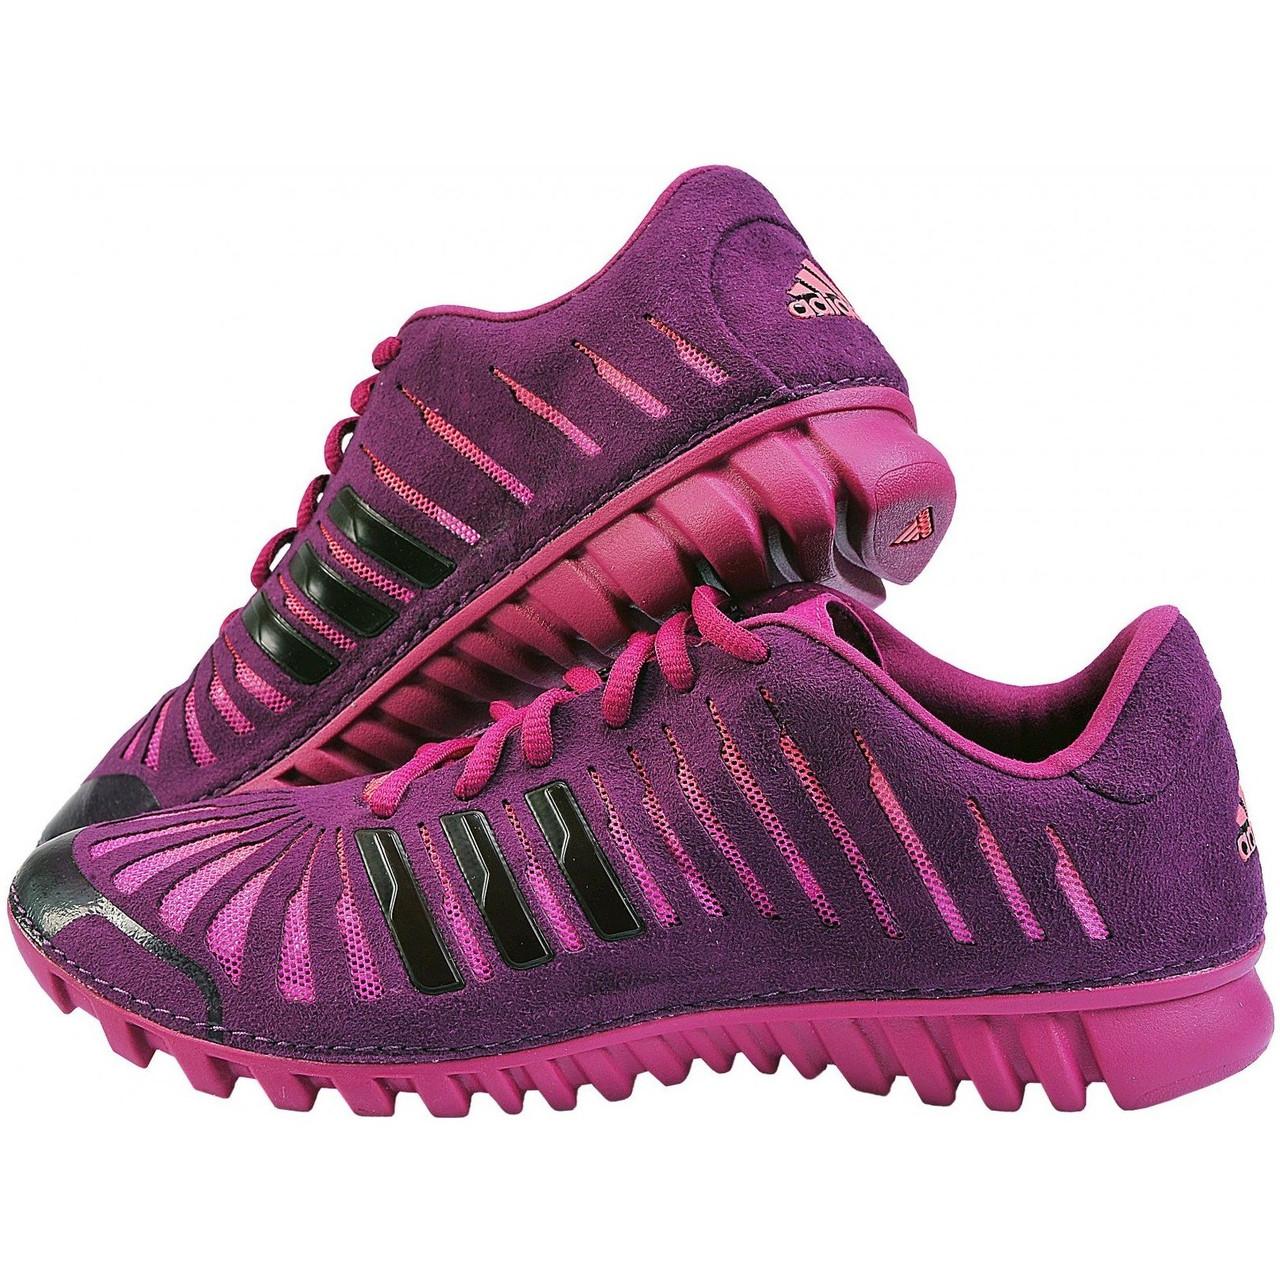 buy online b641e 302fe Кроссовки женские adidas Fluid Trainer W G17891 (сиреневые, для фитнеса,  верх из текстиля